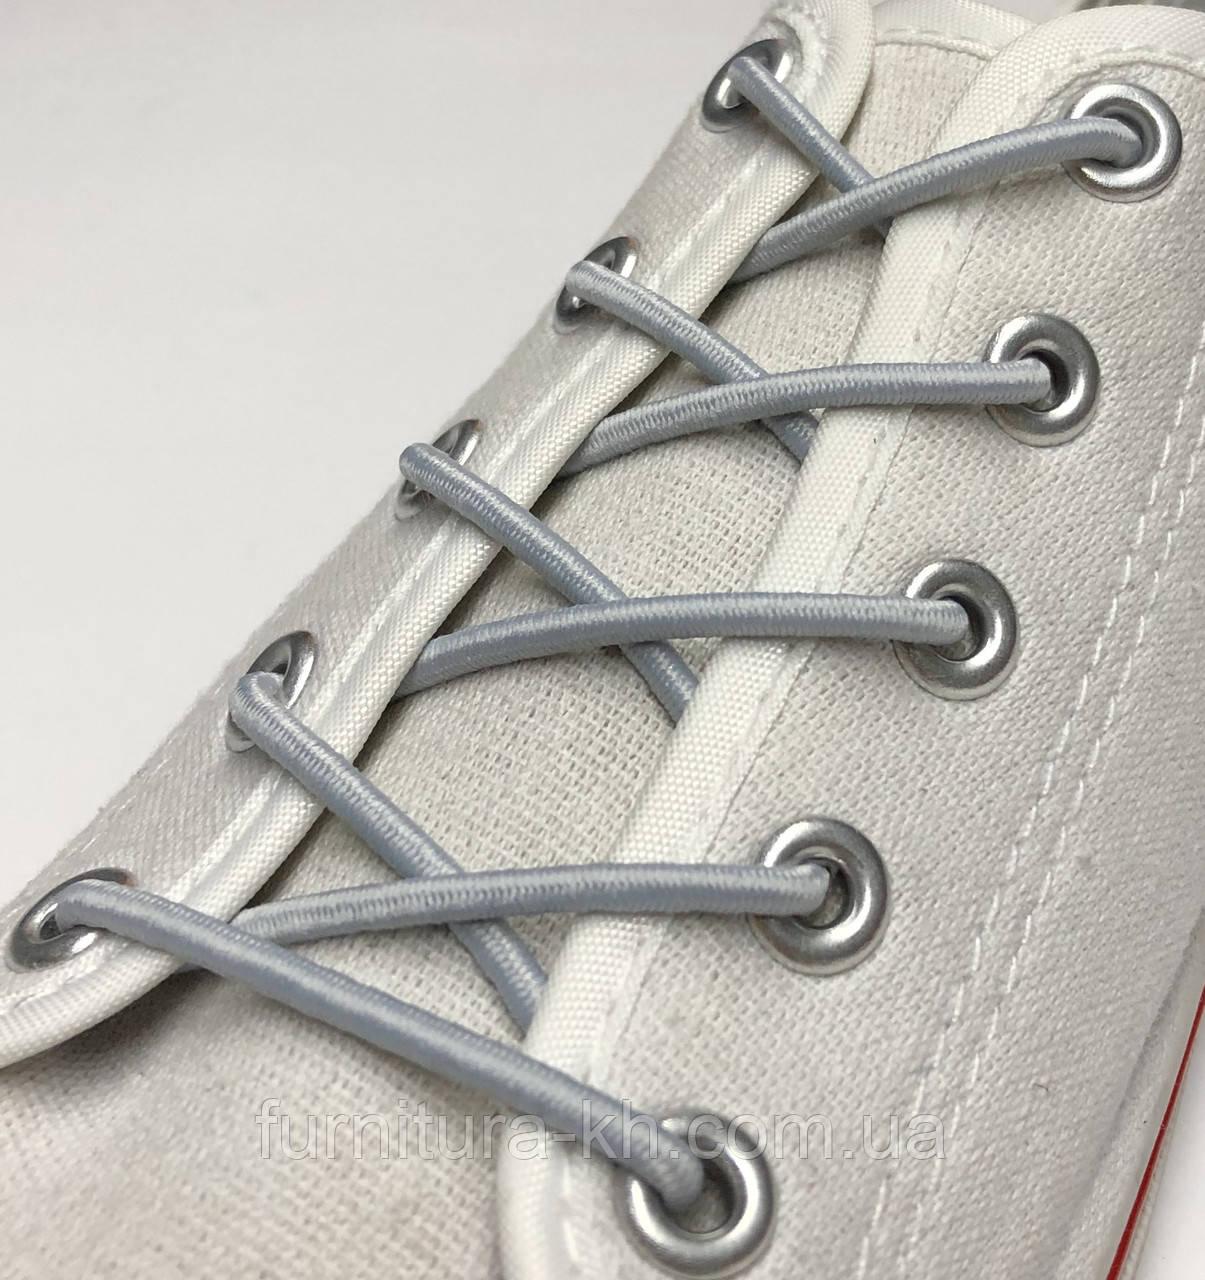 Шнурок Резиновый Круглый-Цвет Светло Серый (толщина 3 мм).Длинна 0,70 см